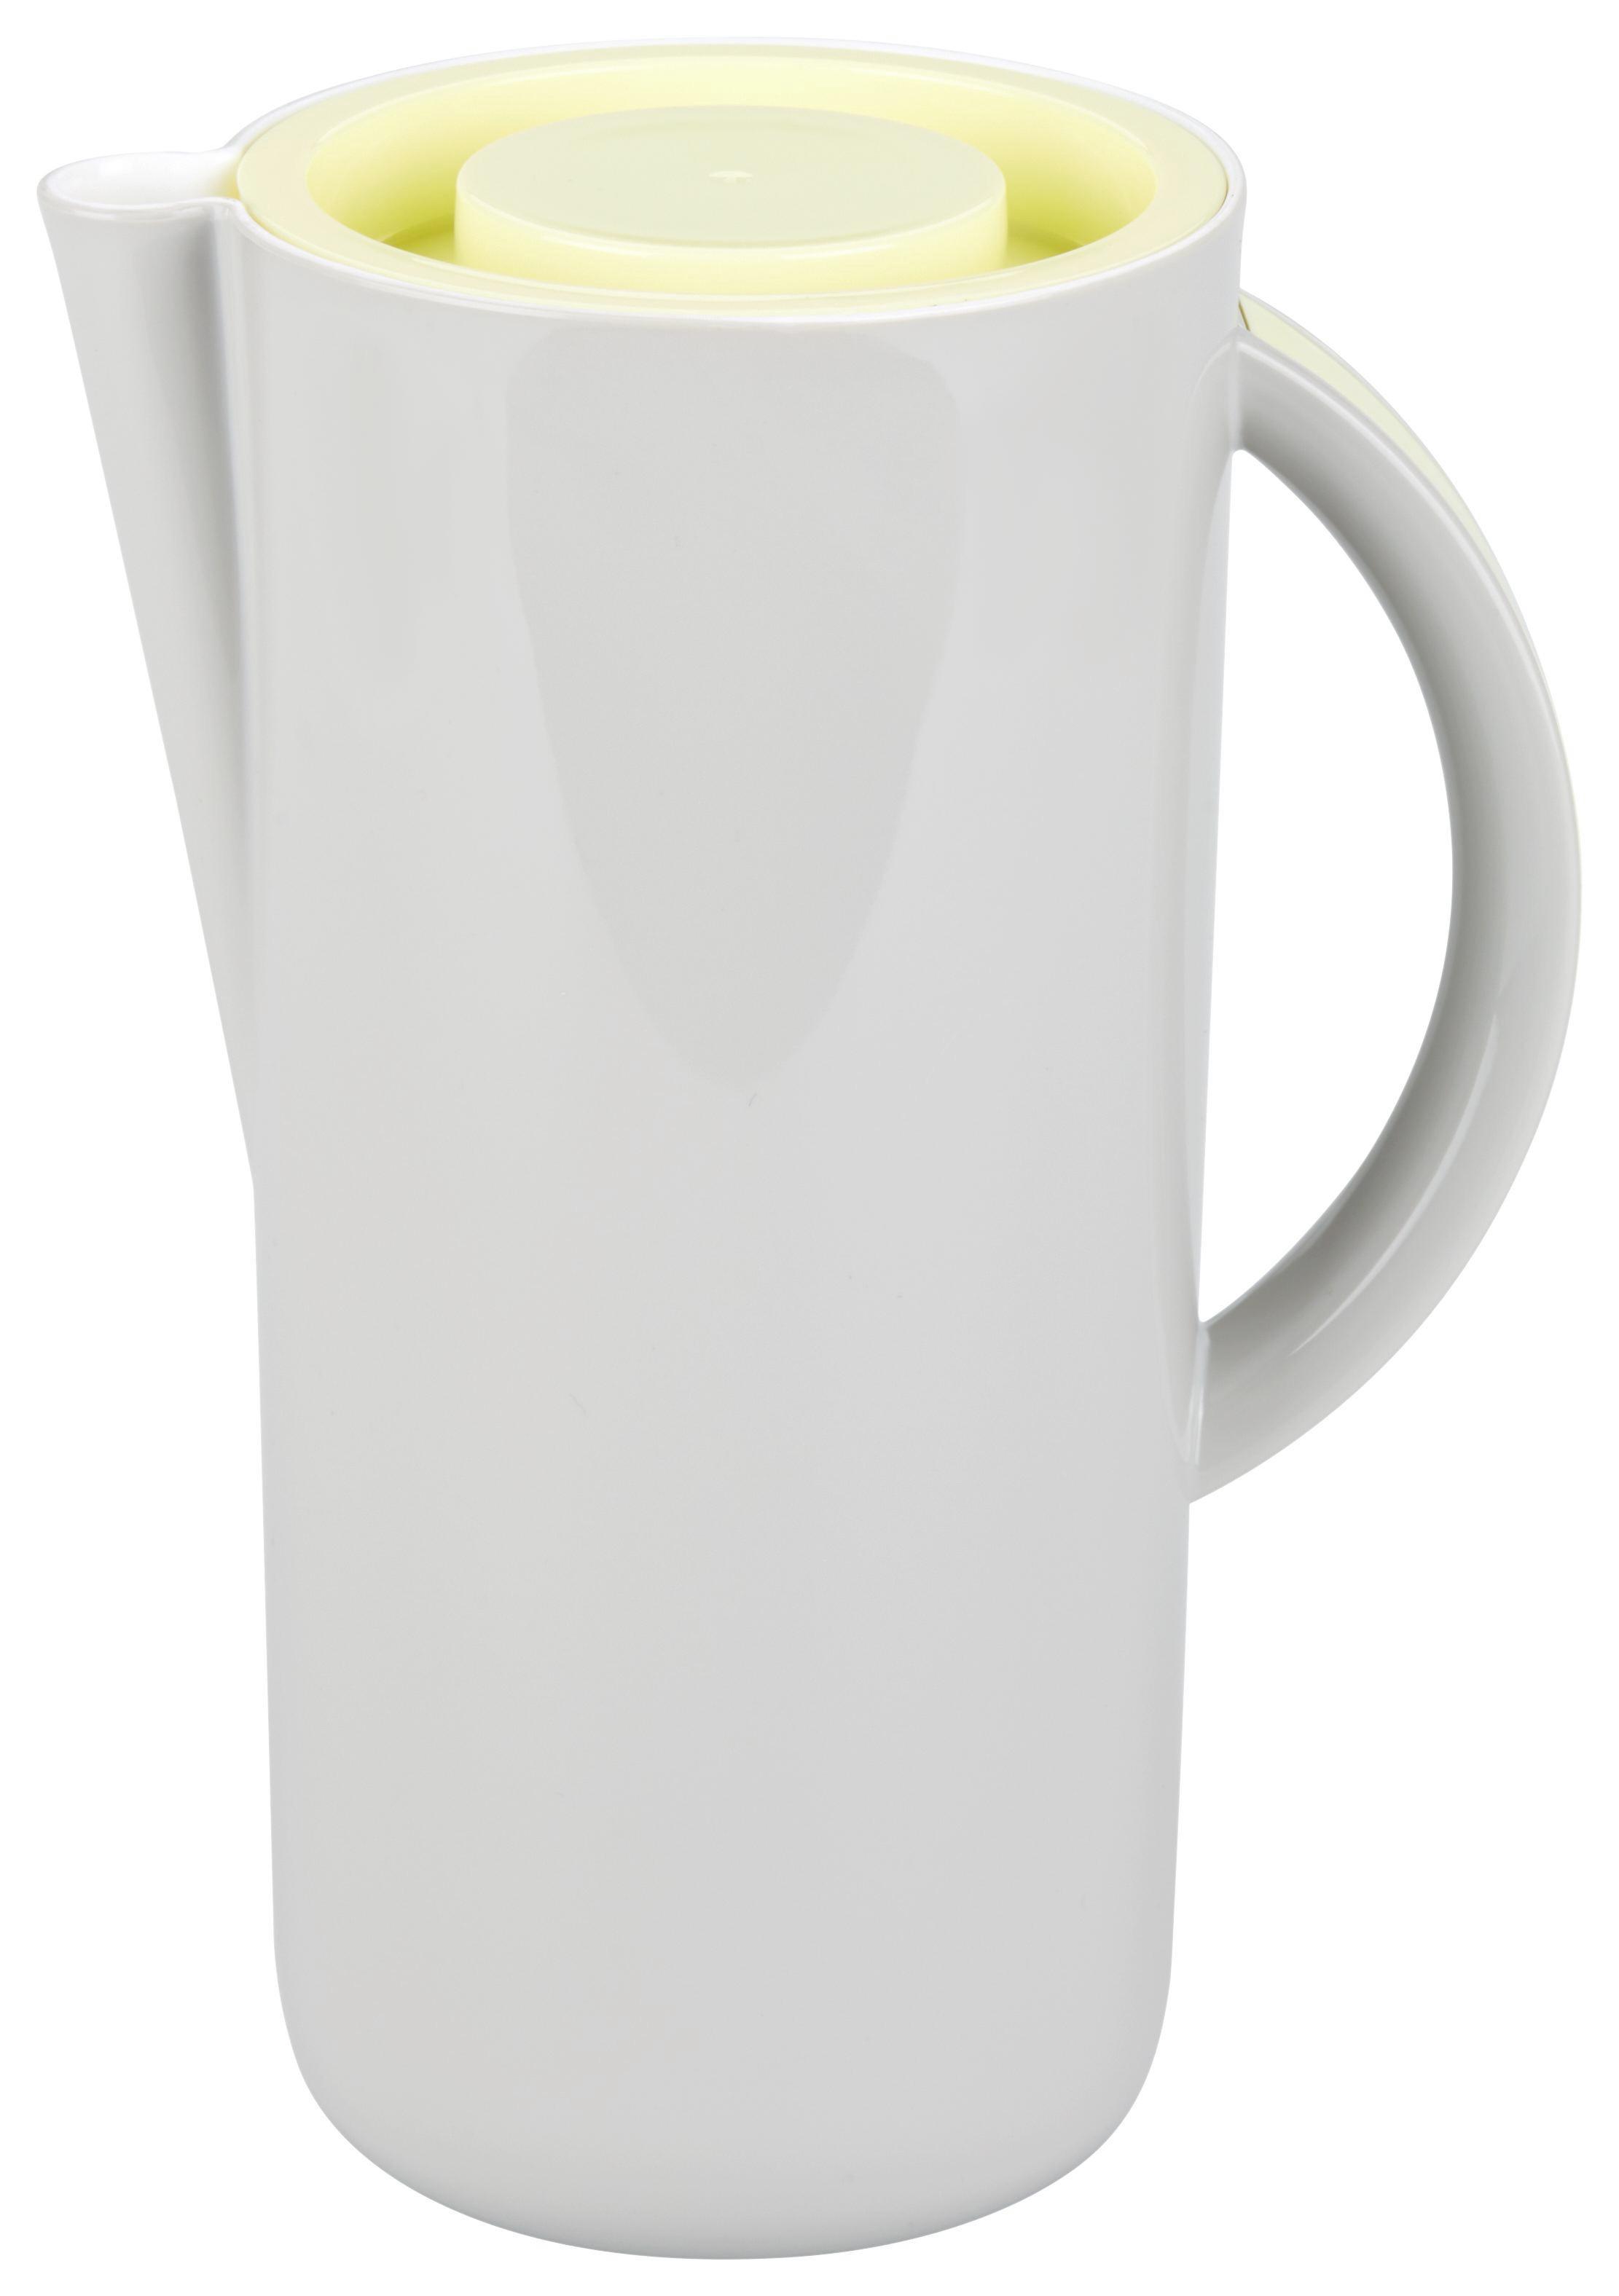 Saftkrug Leonor - Gelb/Weiß, MODERN, Kunststoff (1,6l) - MÖMAX modern living